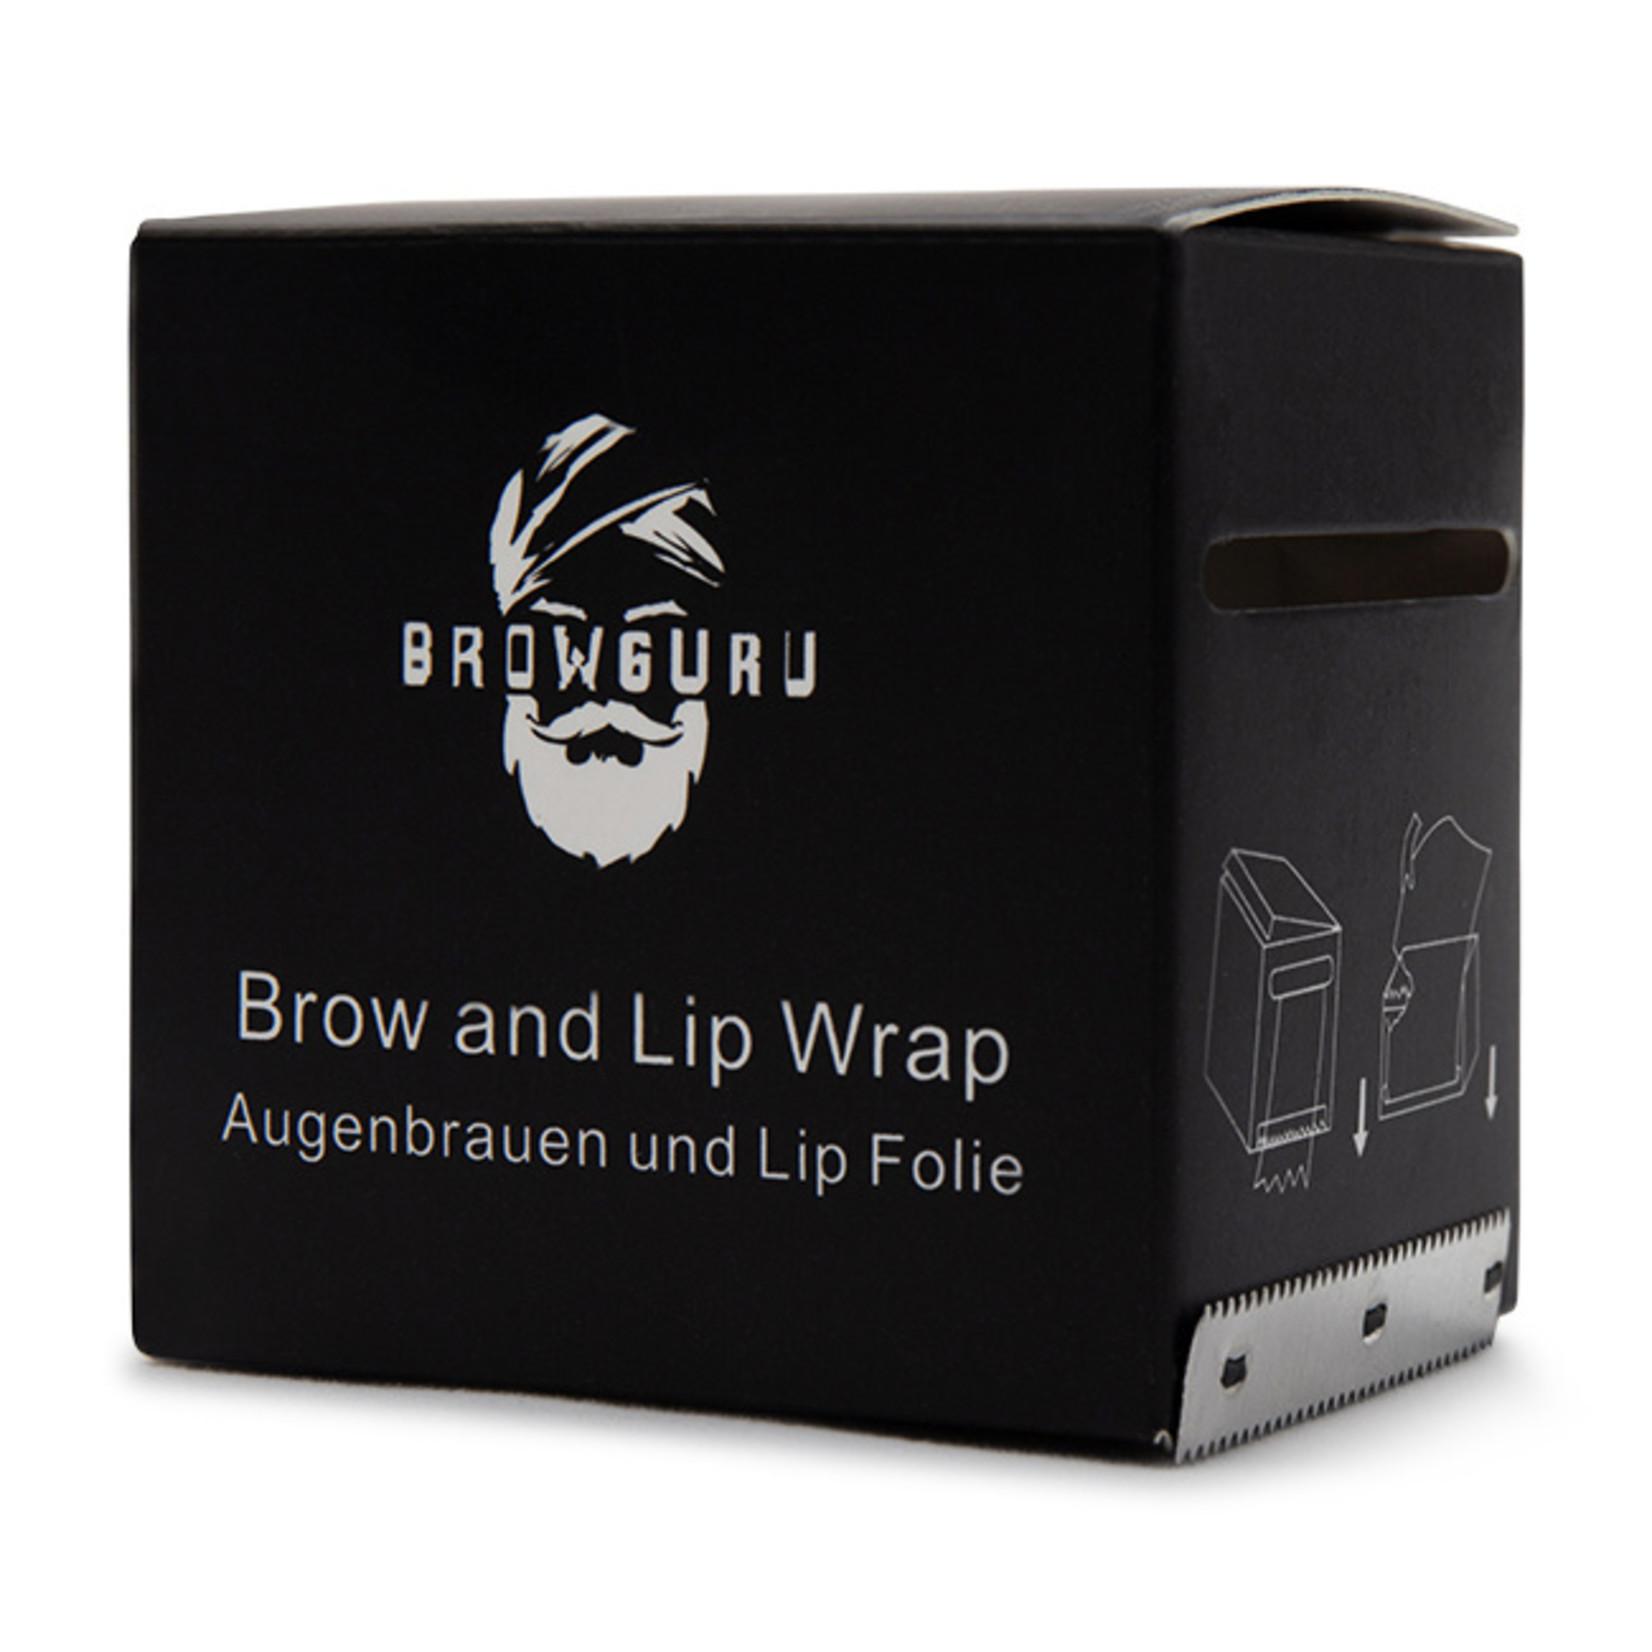 Browguru® Wenkbrauwen en Lip Folie